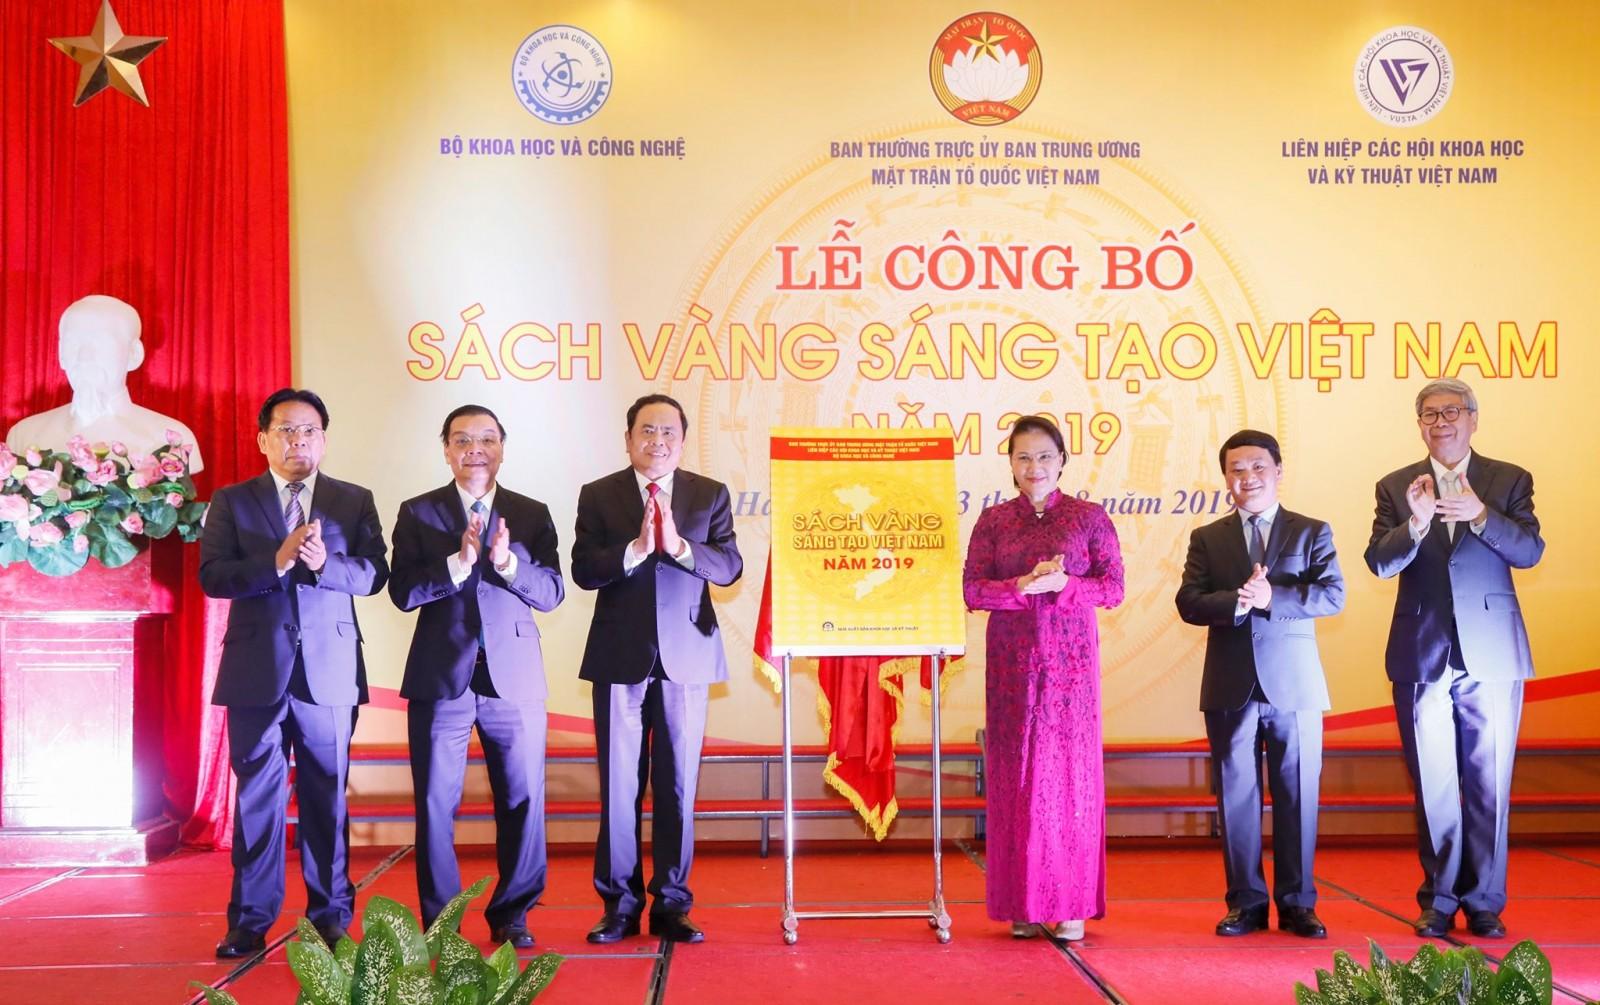 Description: http://image.baoangiang.com.vn/fckeditor/upload/2019/20190823/images/23_8.jpg